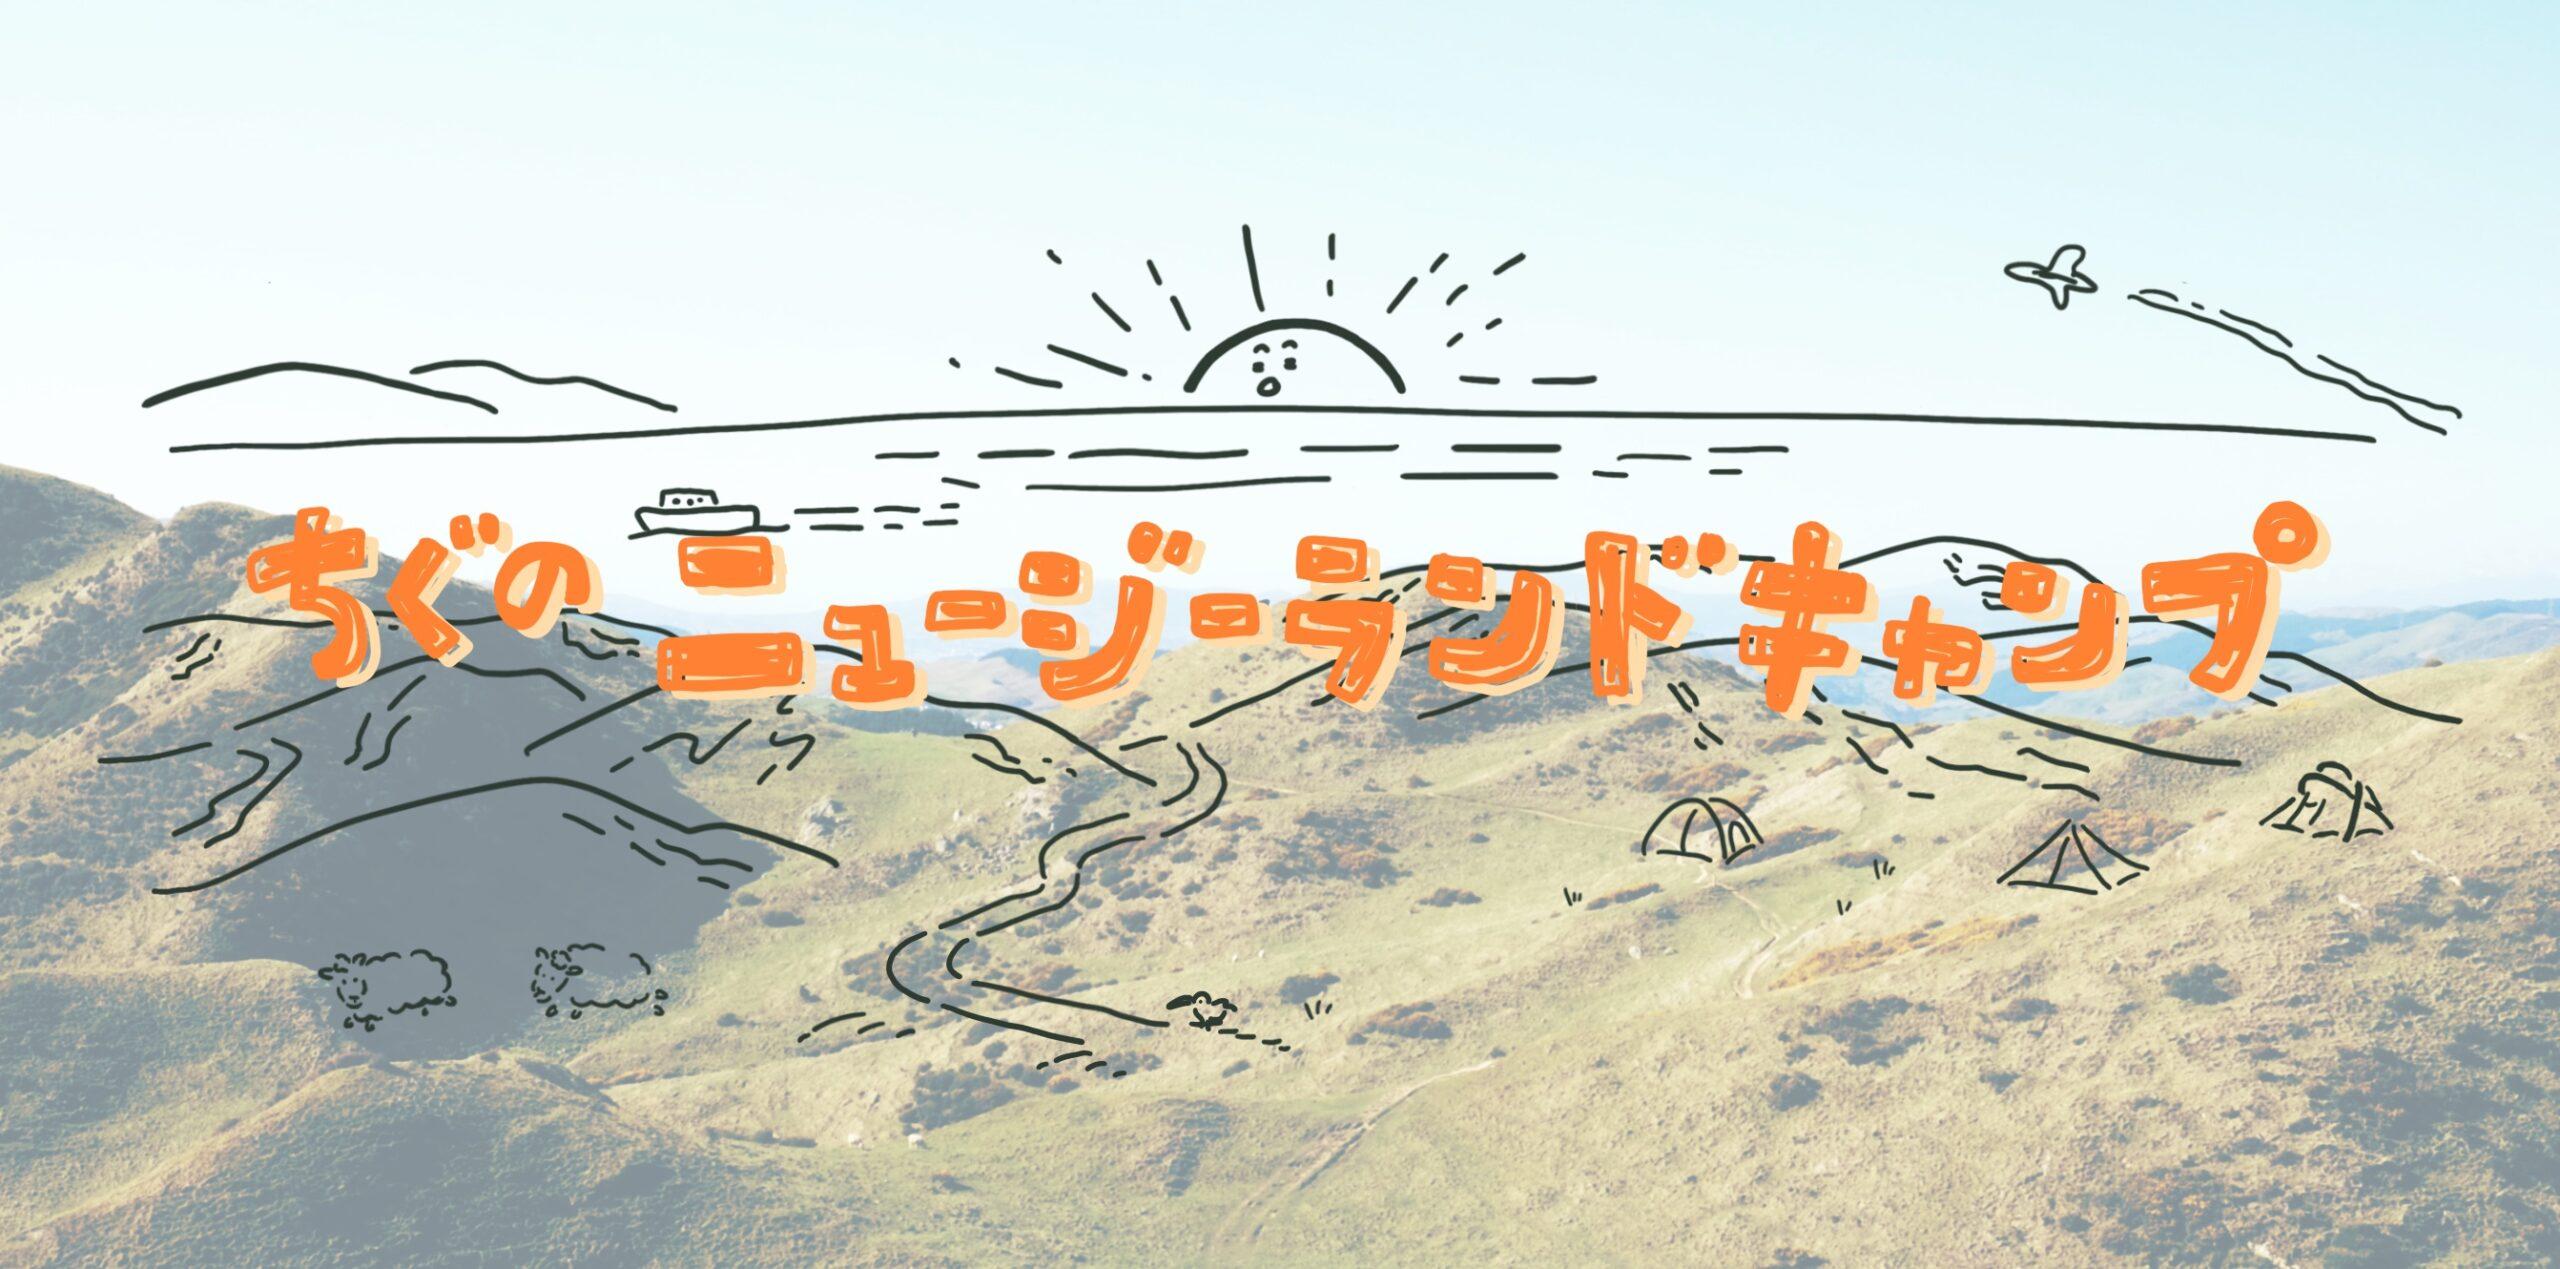 マガジン「ちぐのニュージーランドキャンプ」